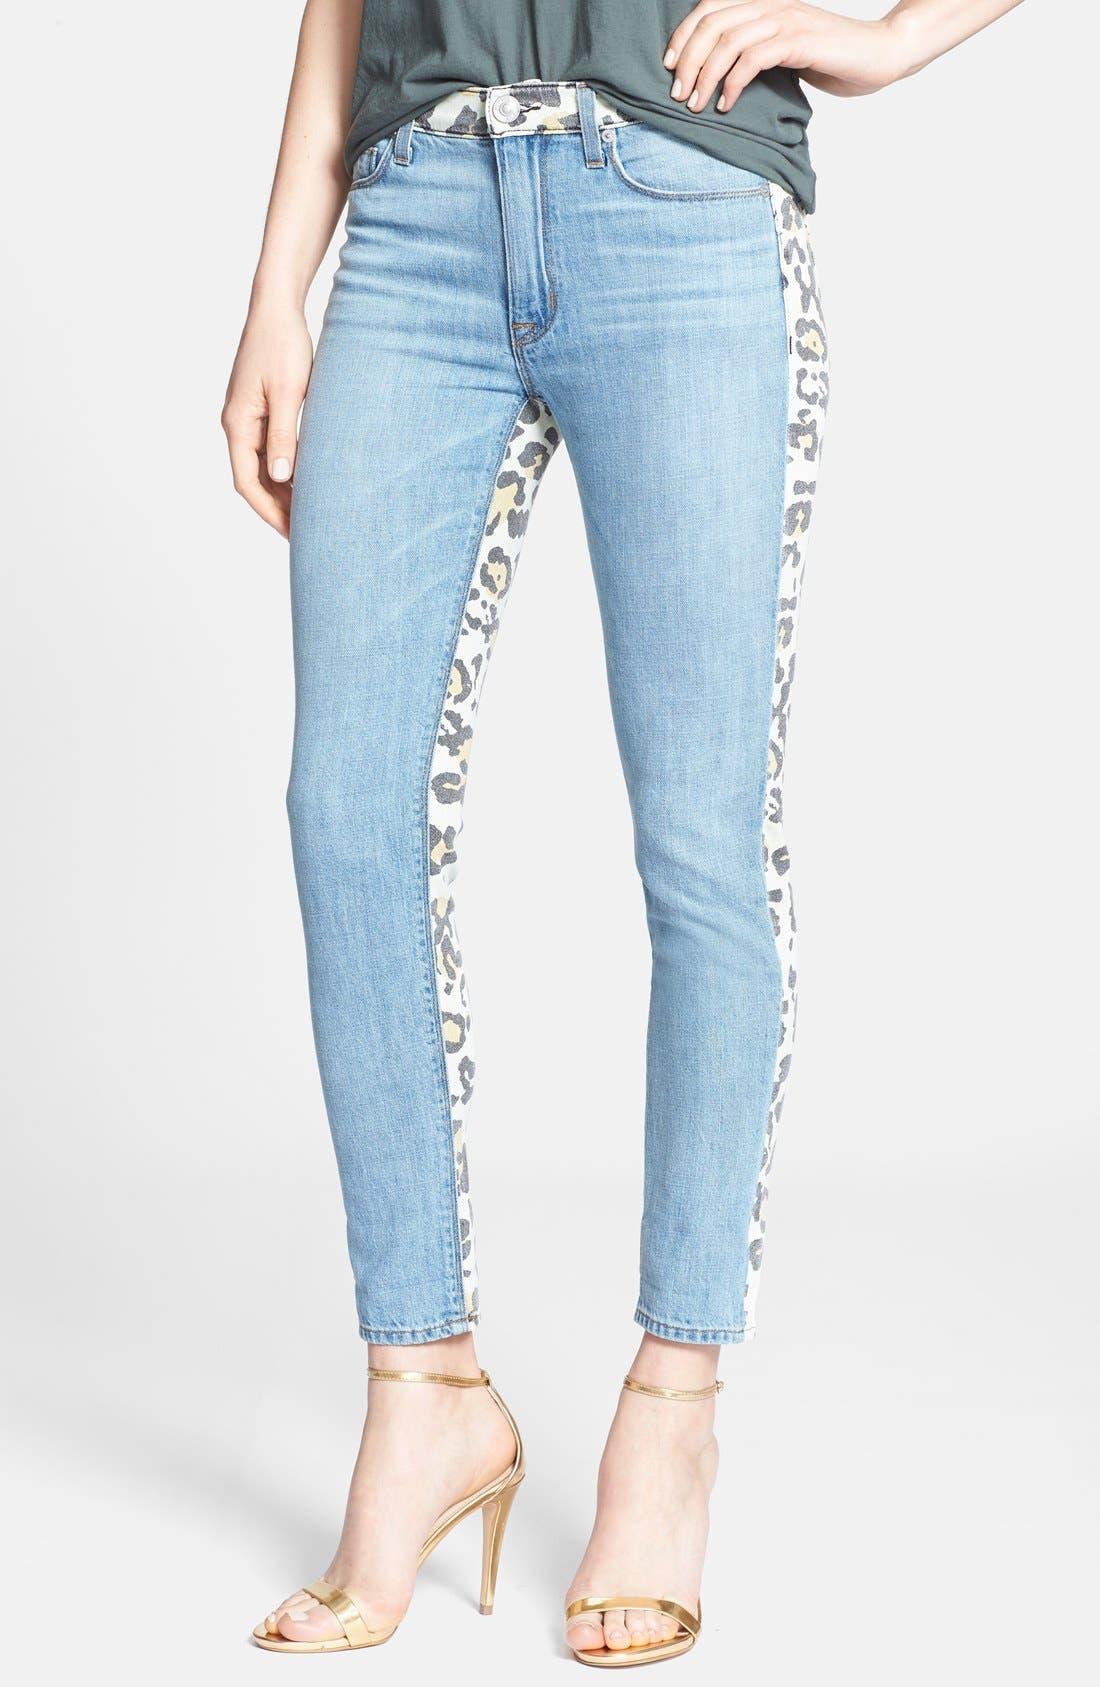 Main Image - Hudson Jeans 'Patti' Print Back Skinny Jeans (Posterior Prey)